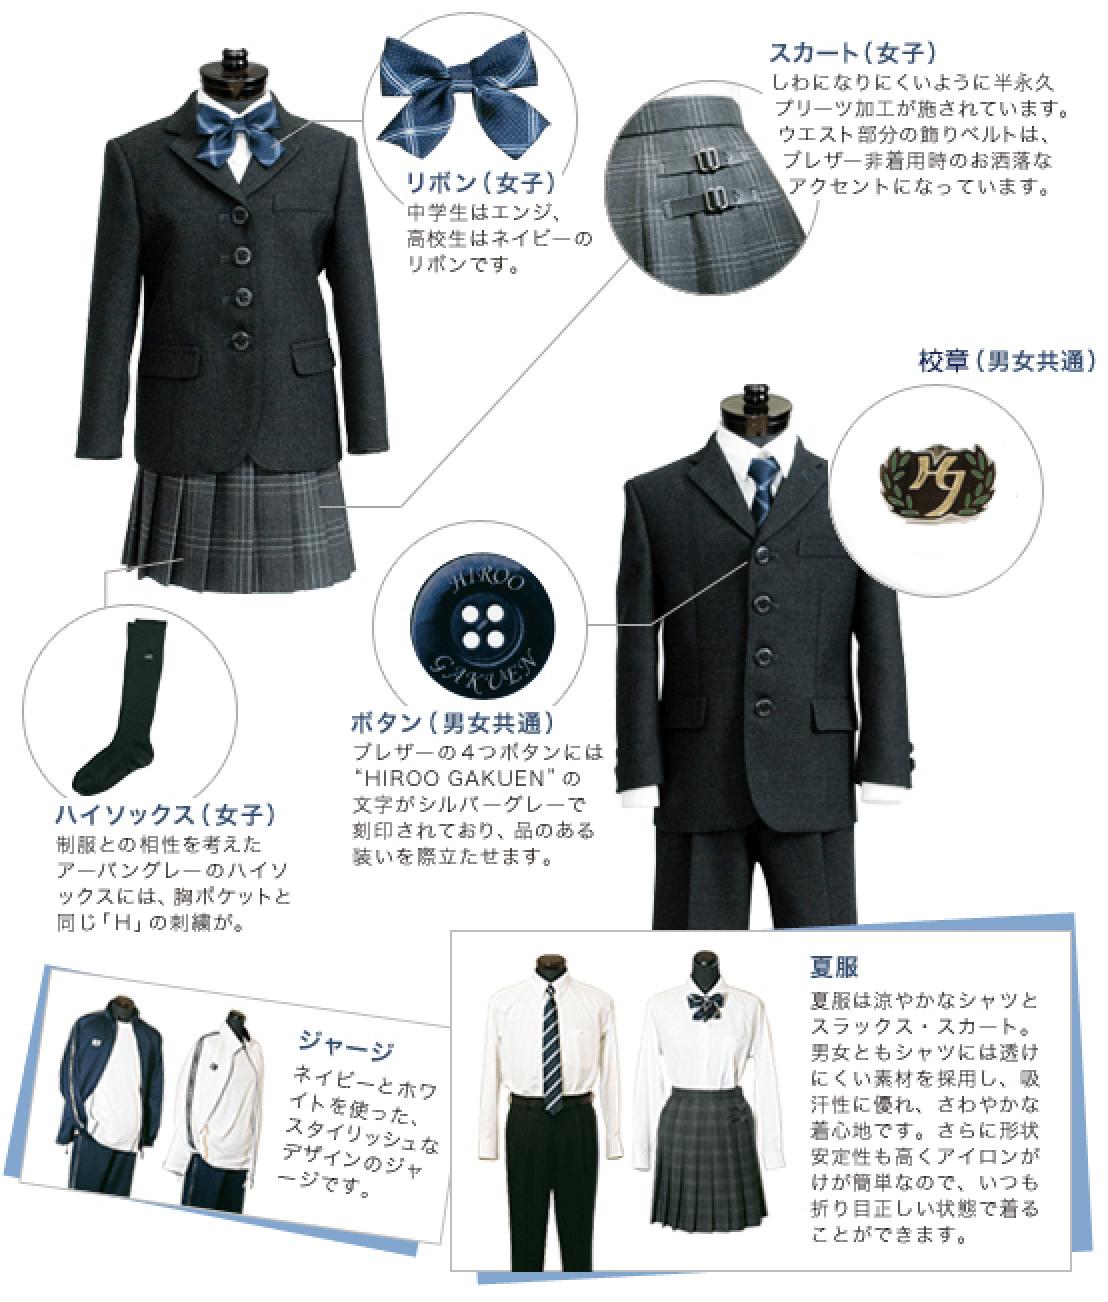 広尾学園 中学校制服